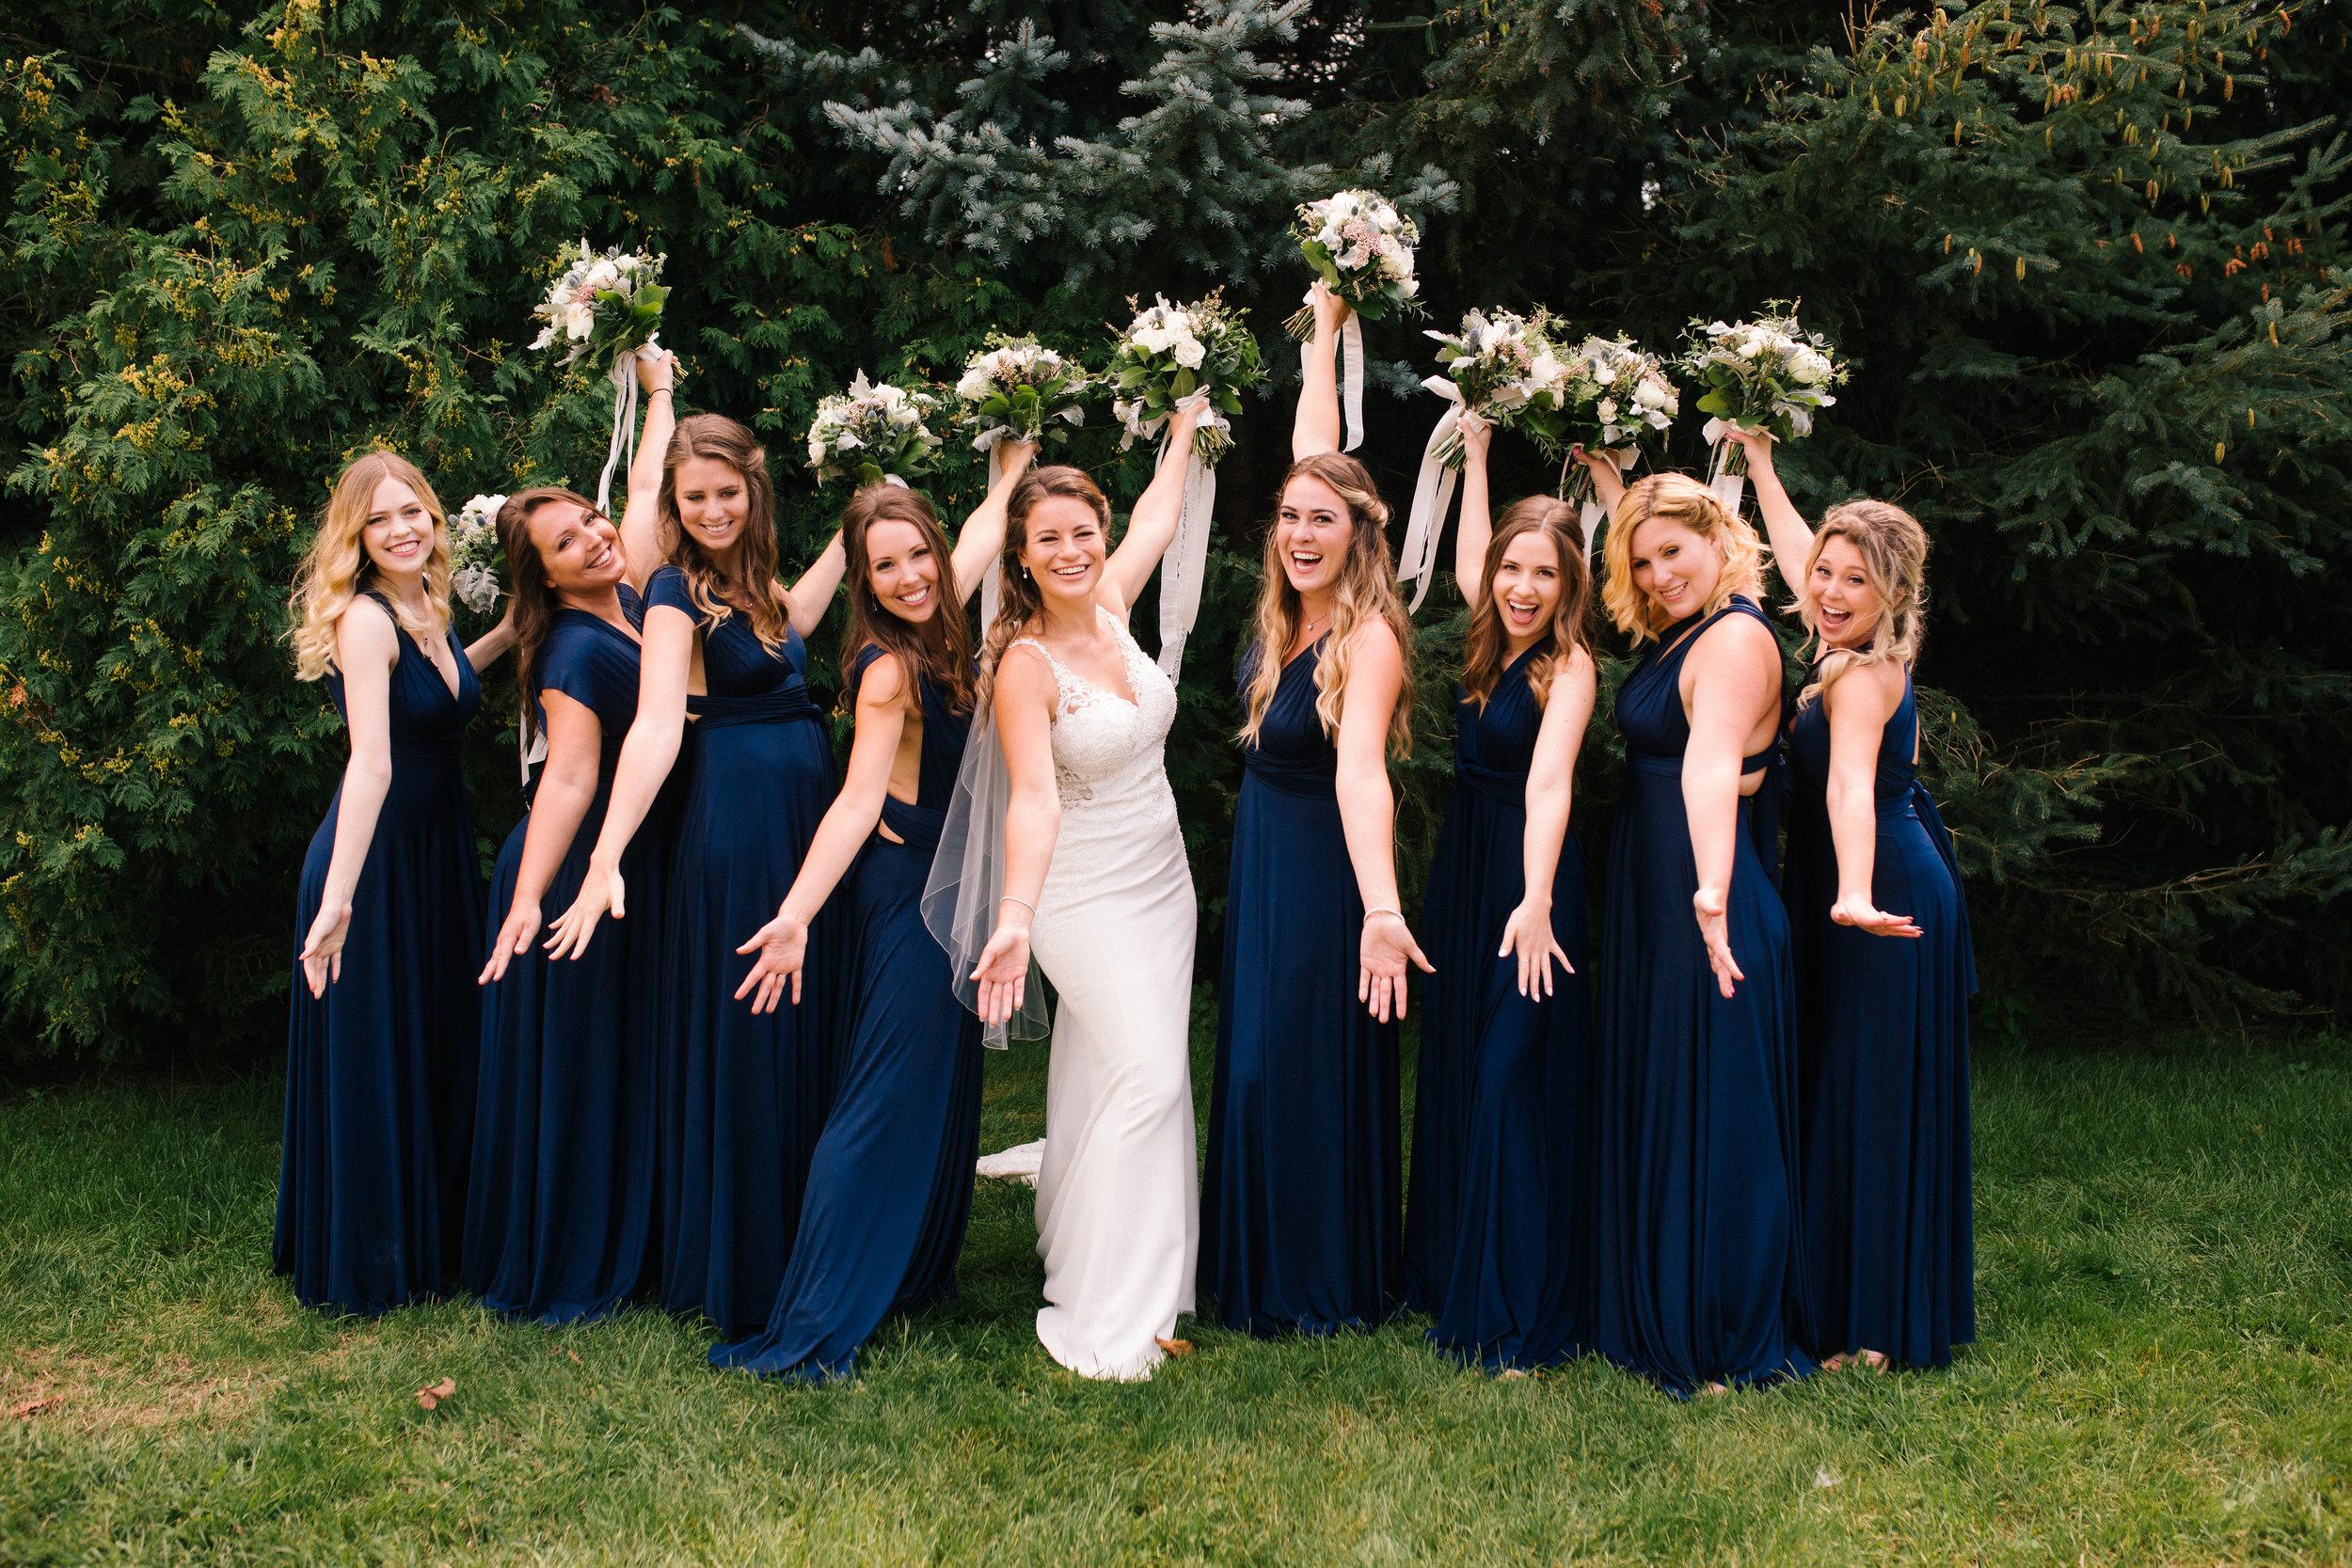 Kim&Alex bridesmaids 1.jpg